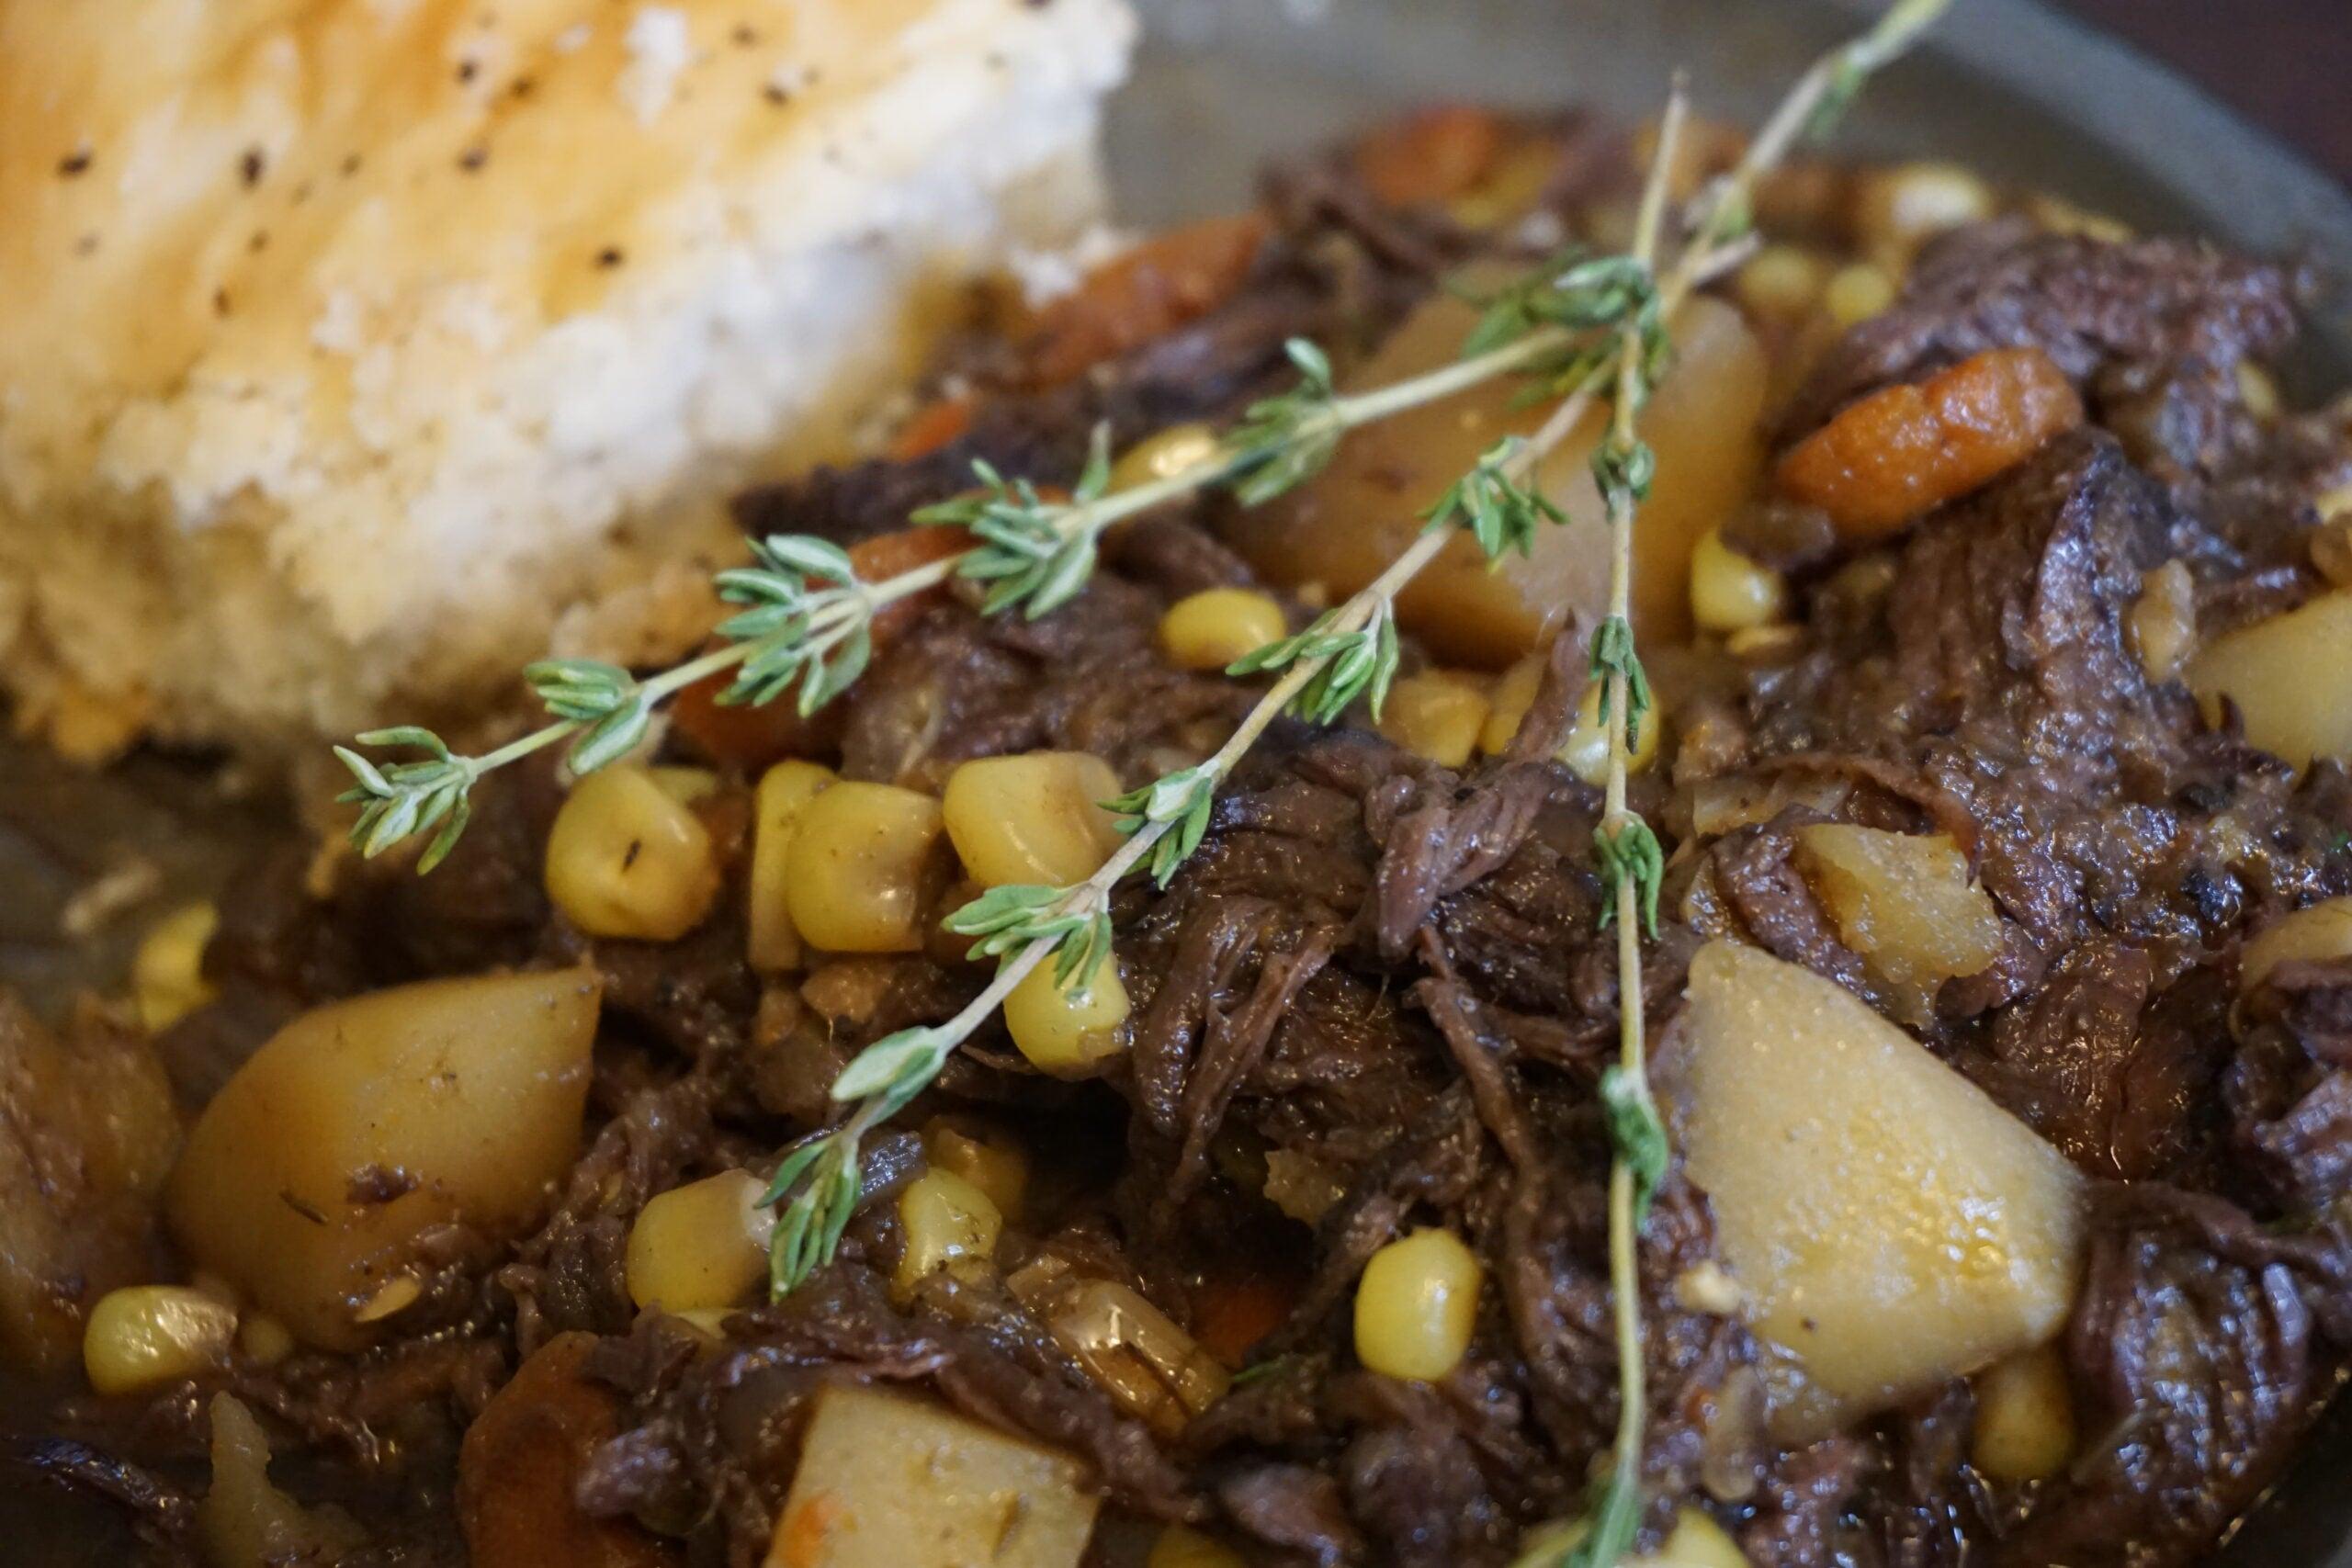 Recipe: How to Make Venison Stew